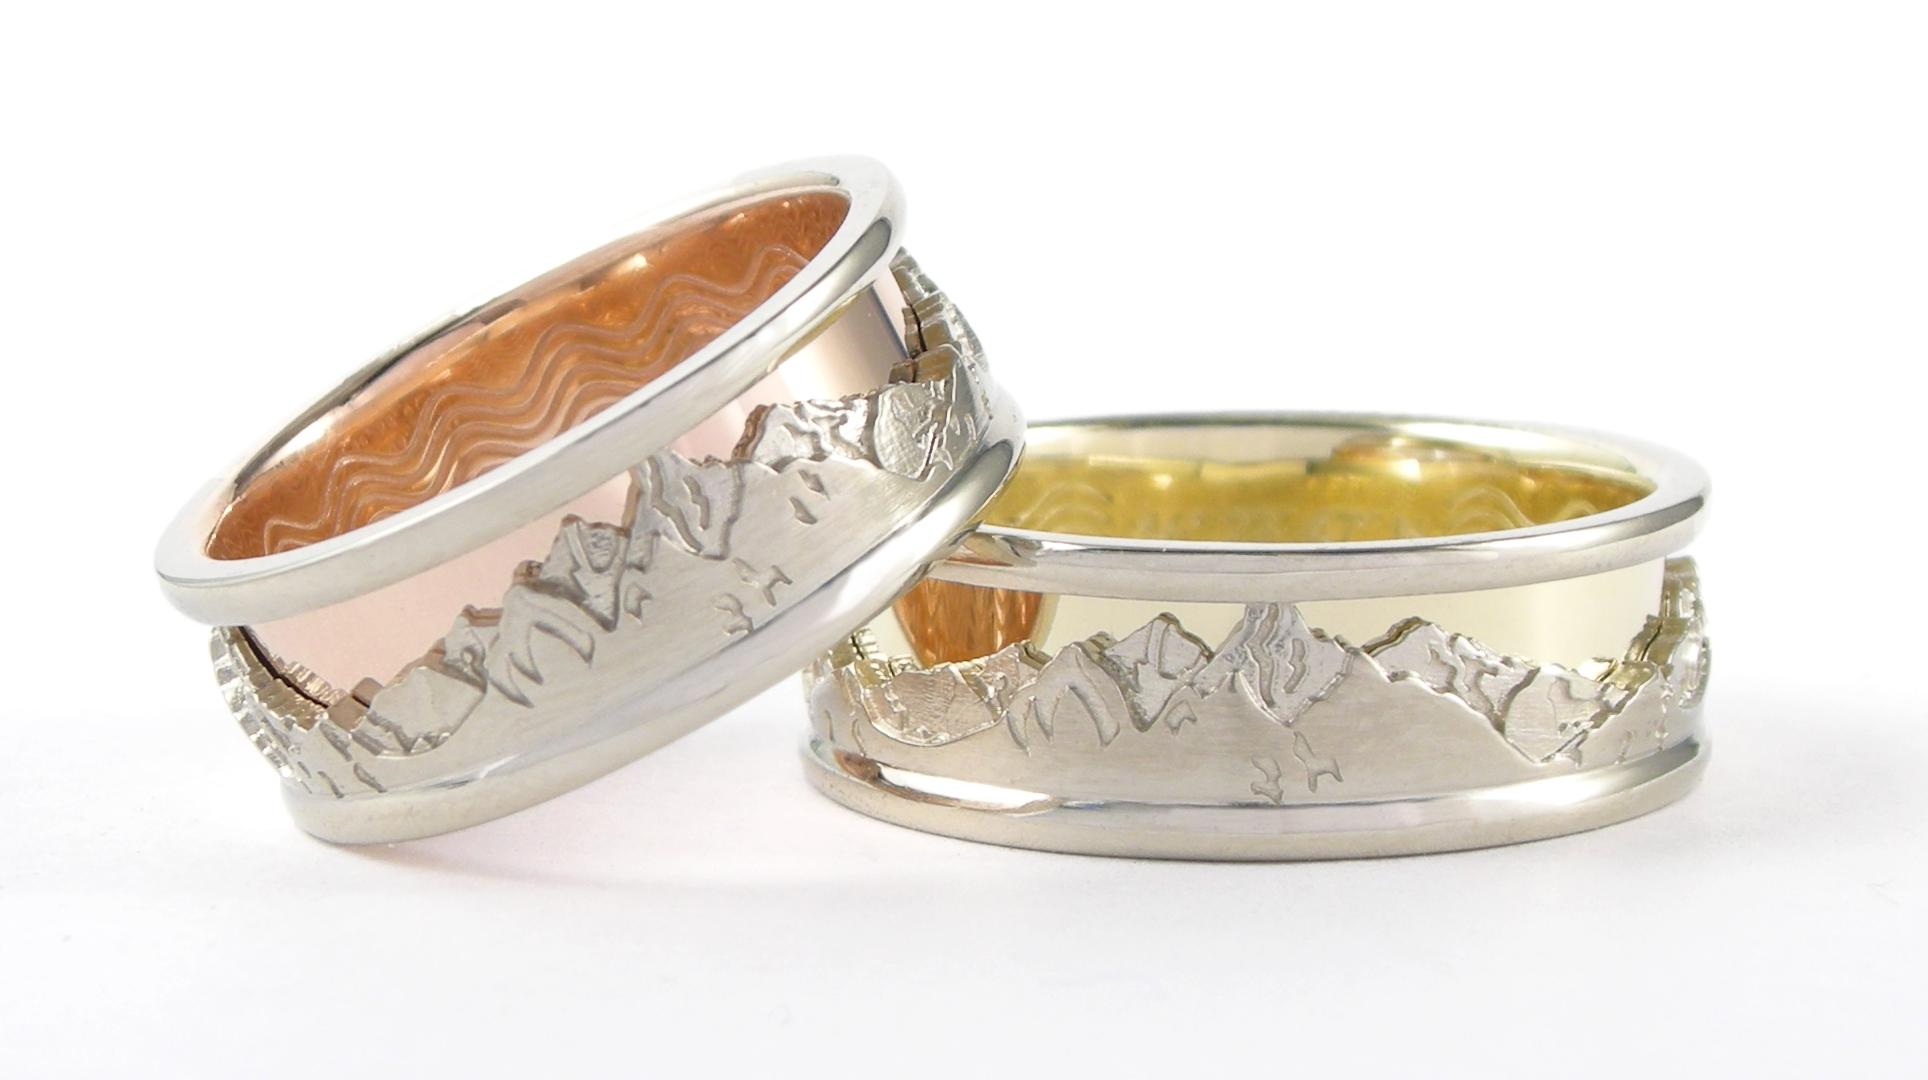 Eau et Montagnes  Or rose, or jaune et or blanc14k Échelle de prix pour chaque bague: 1600$ à 1800$